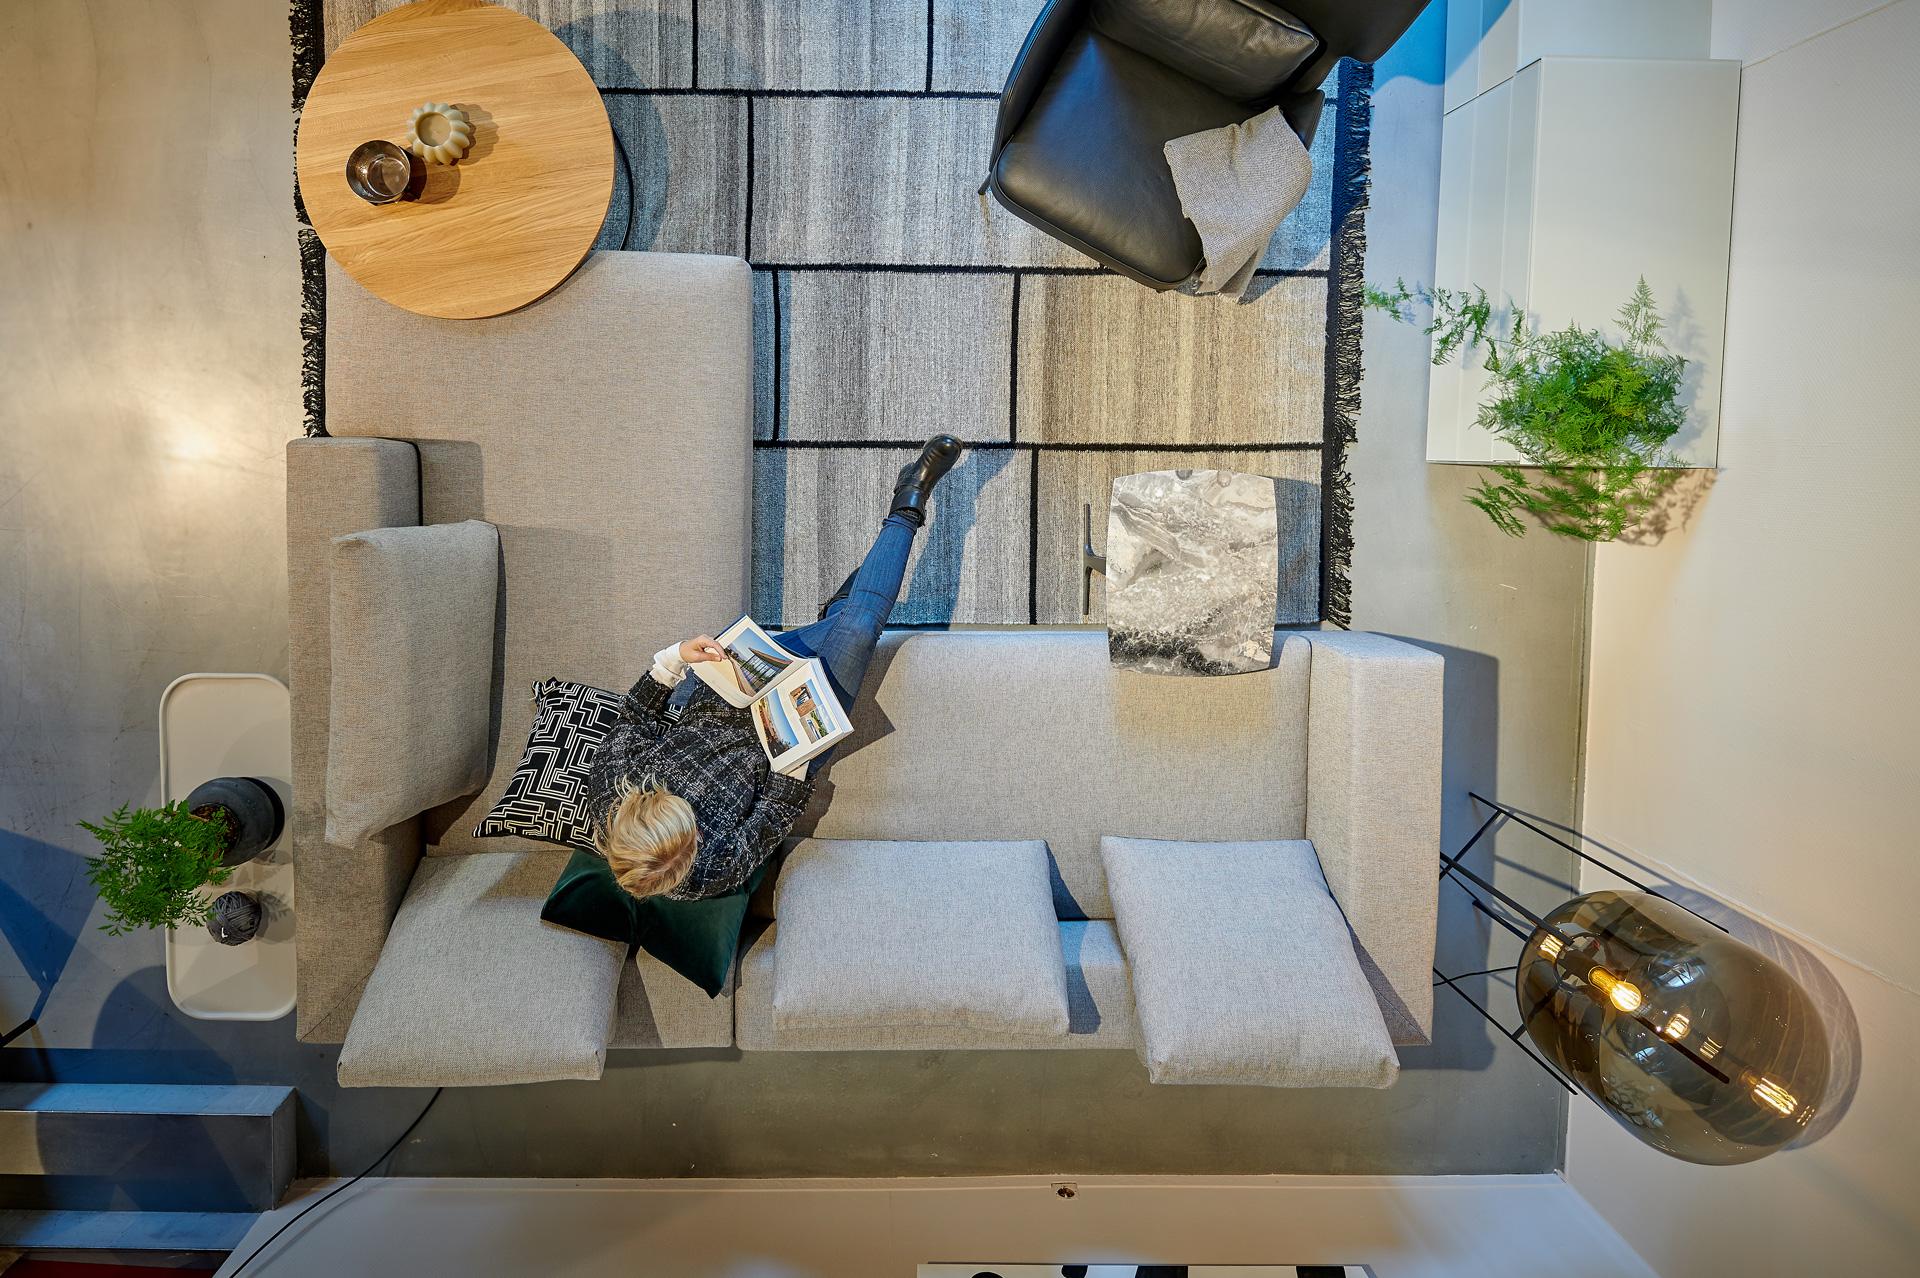 Einrichtungshaus melior flexform walter knoll edra for Design einrichtungshaus